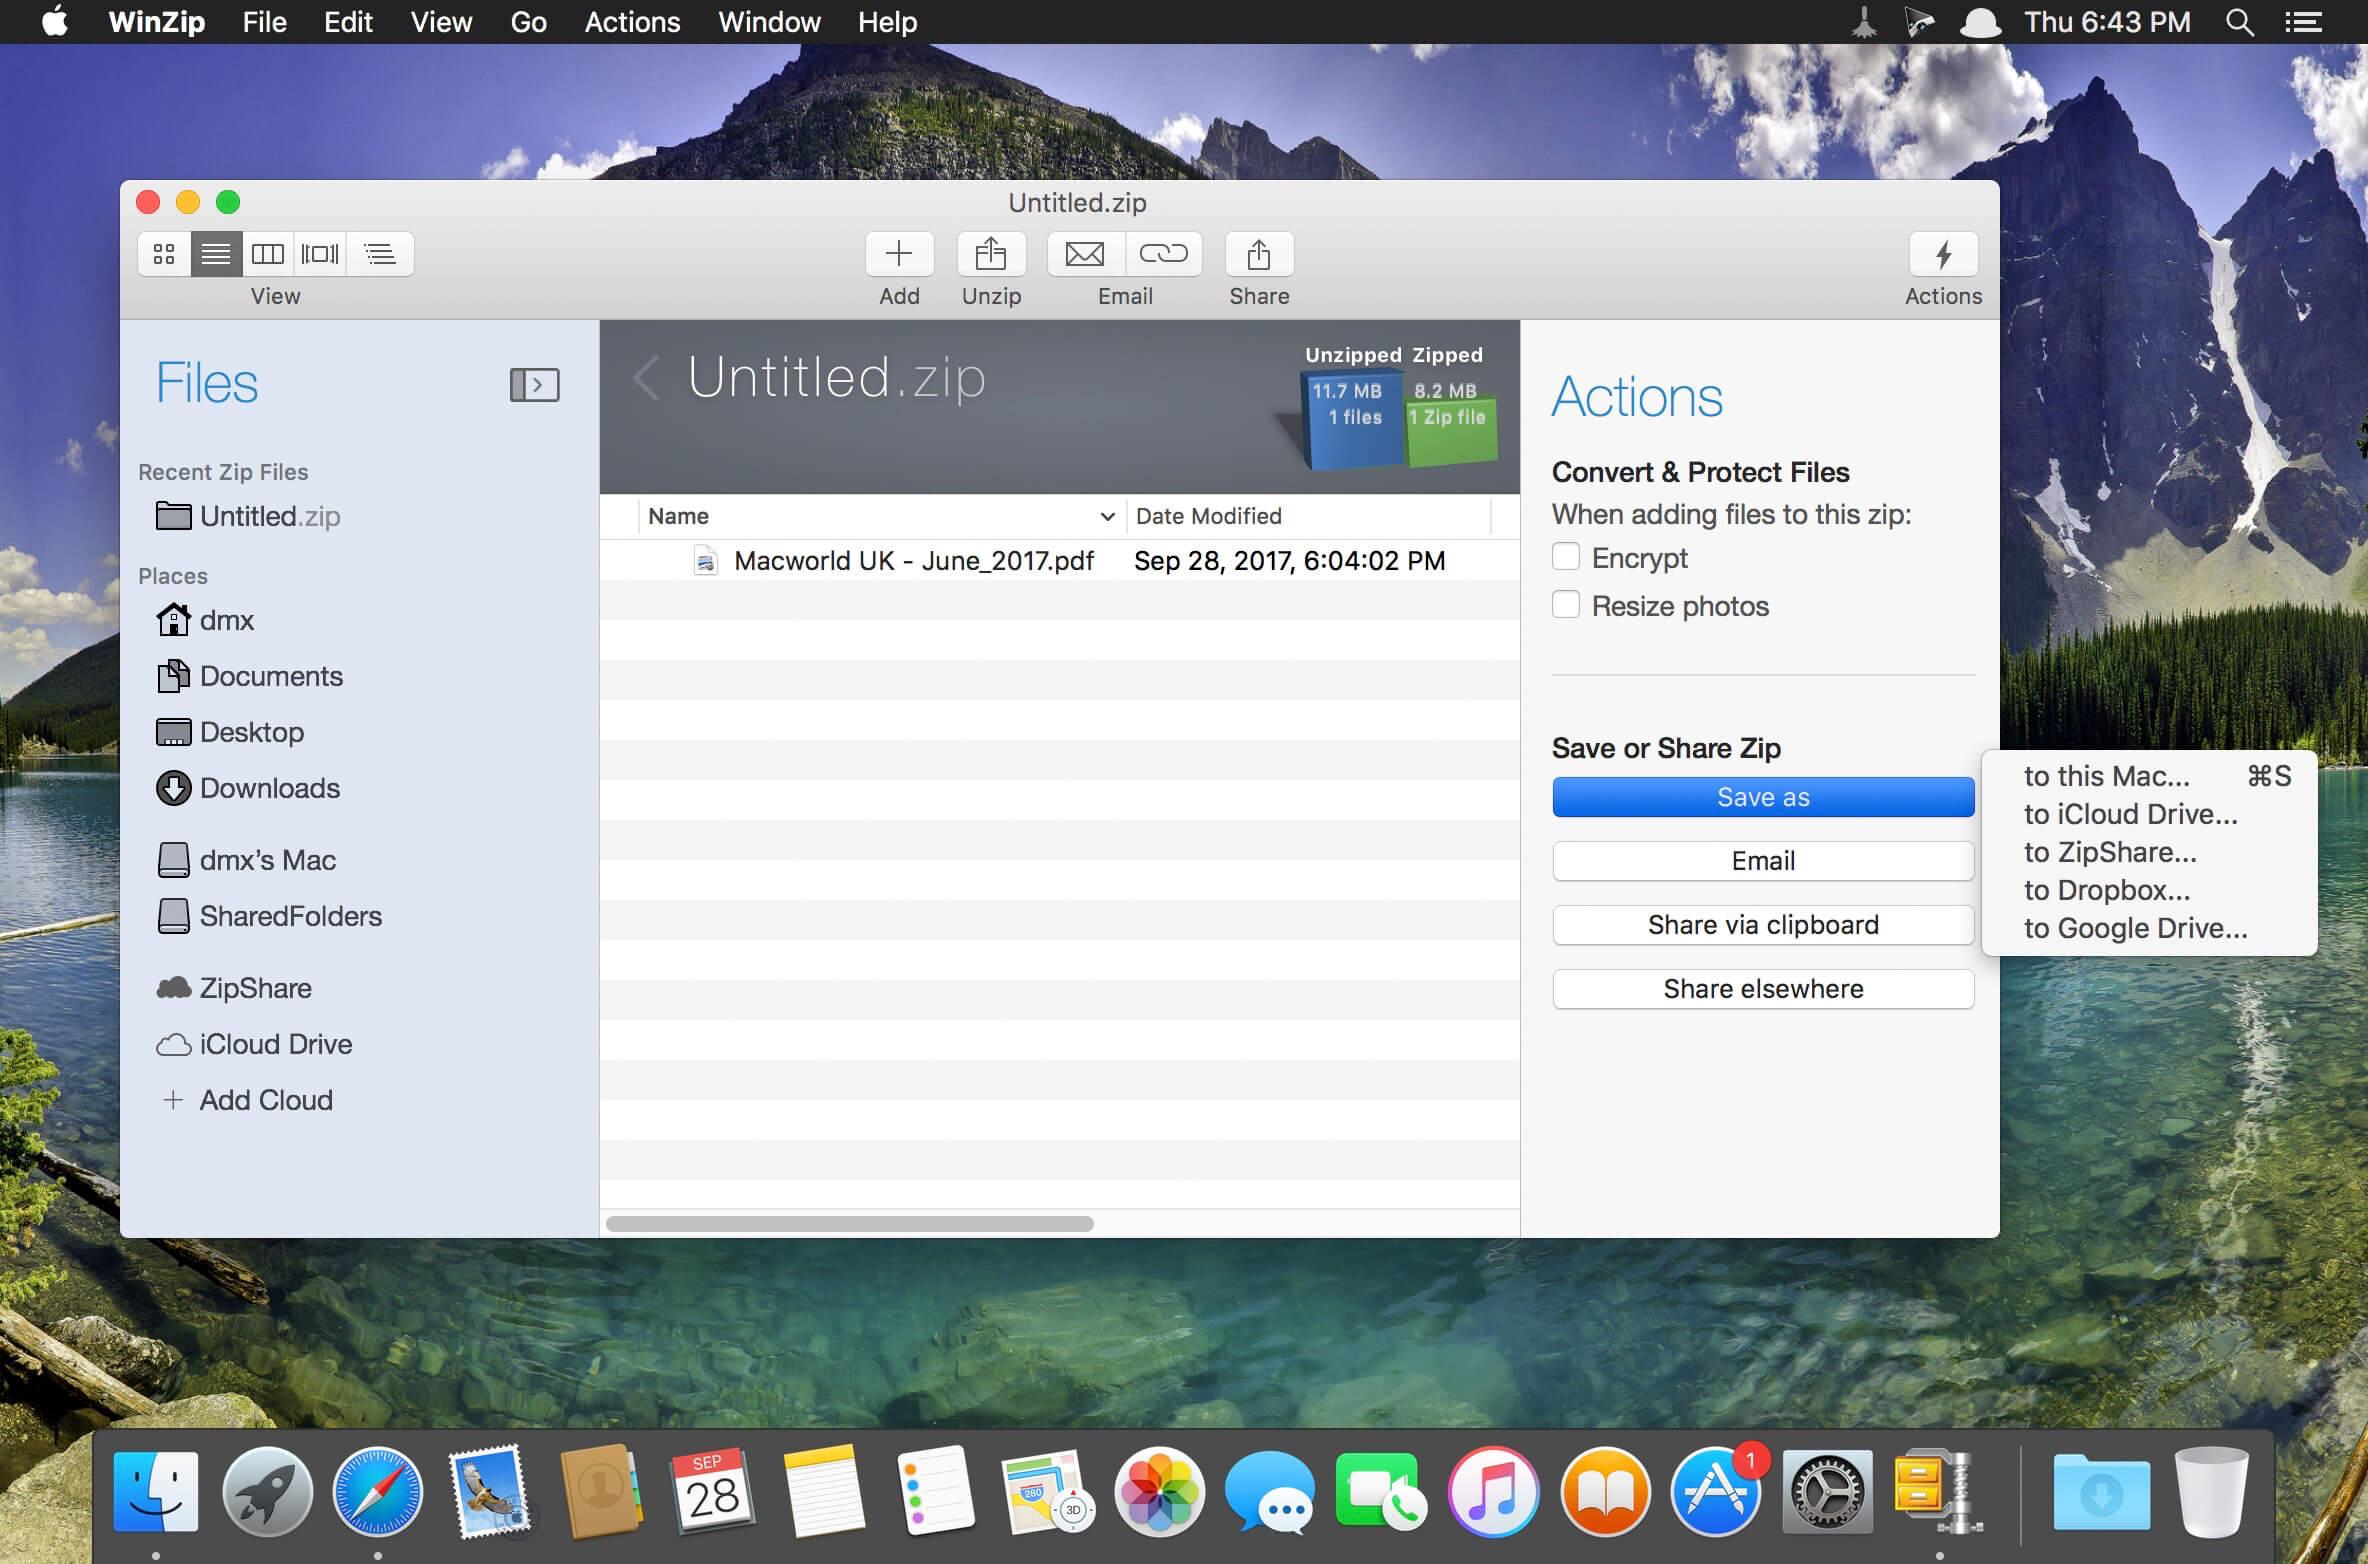 WinZip Mac Pro 7 0 4564 download | macOS